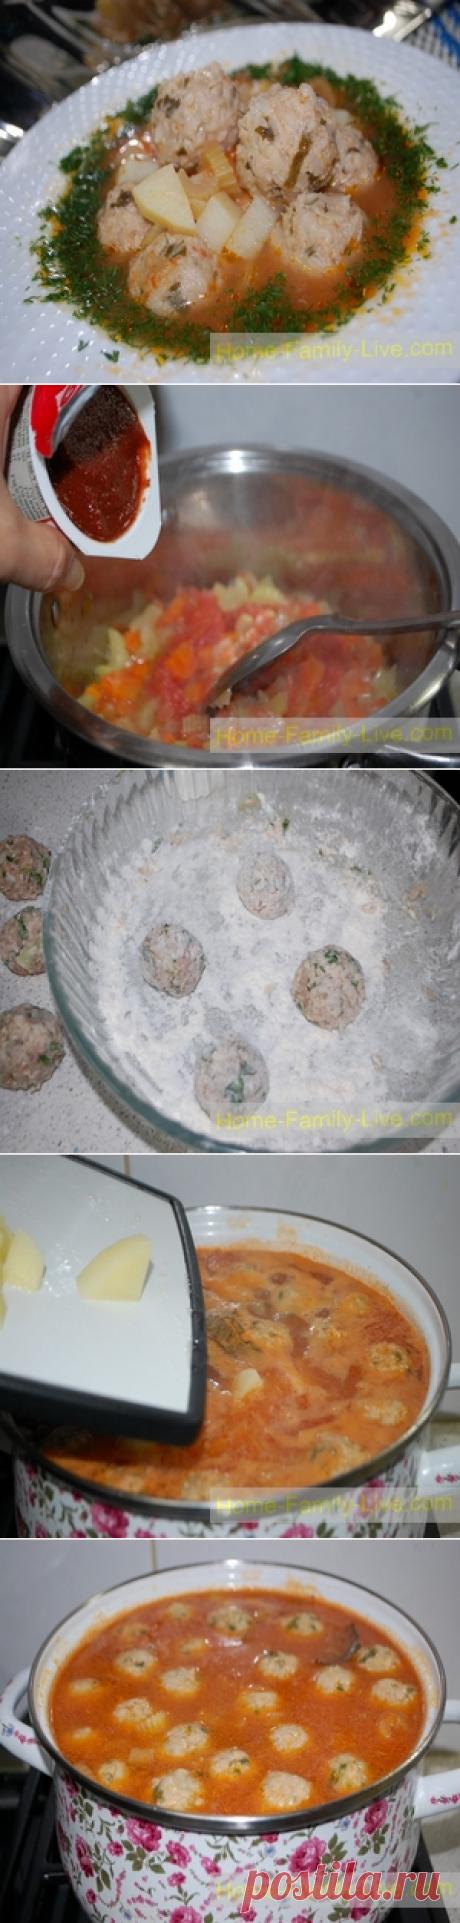 Фрикадельки по турецки/Сайт с пошаговыми рецептами с фото для тех кто любит готовить